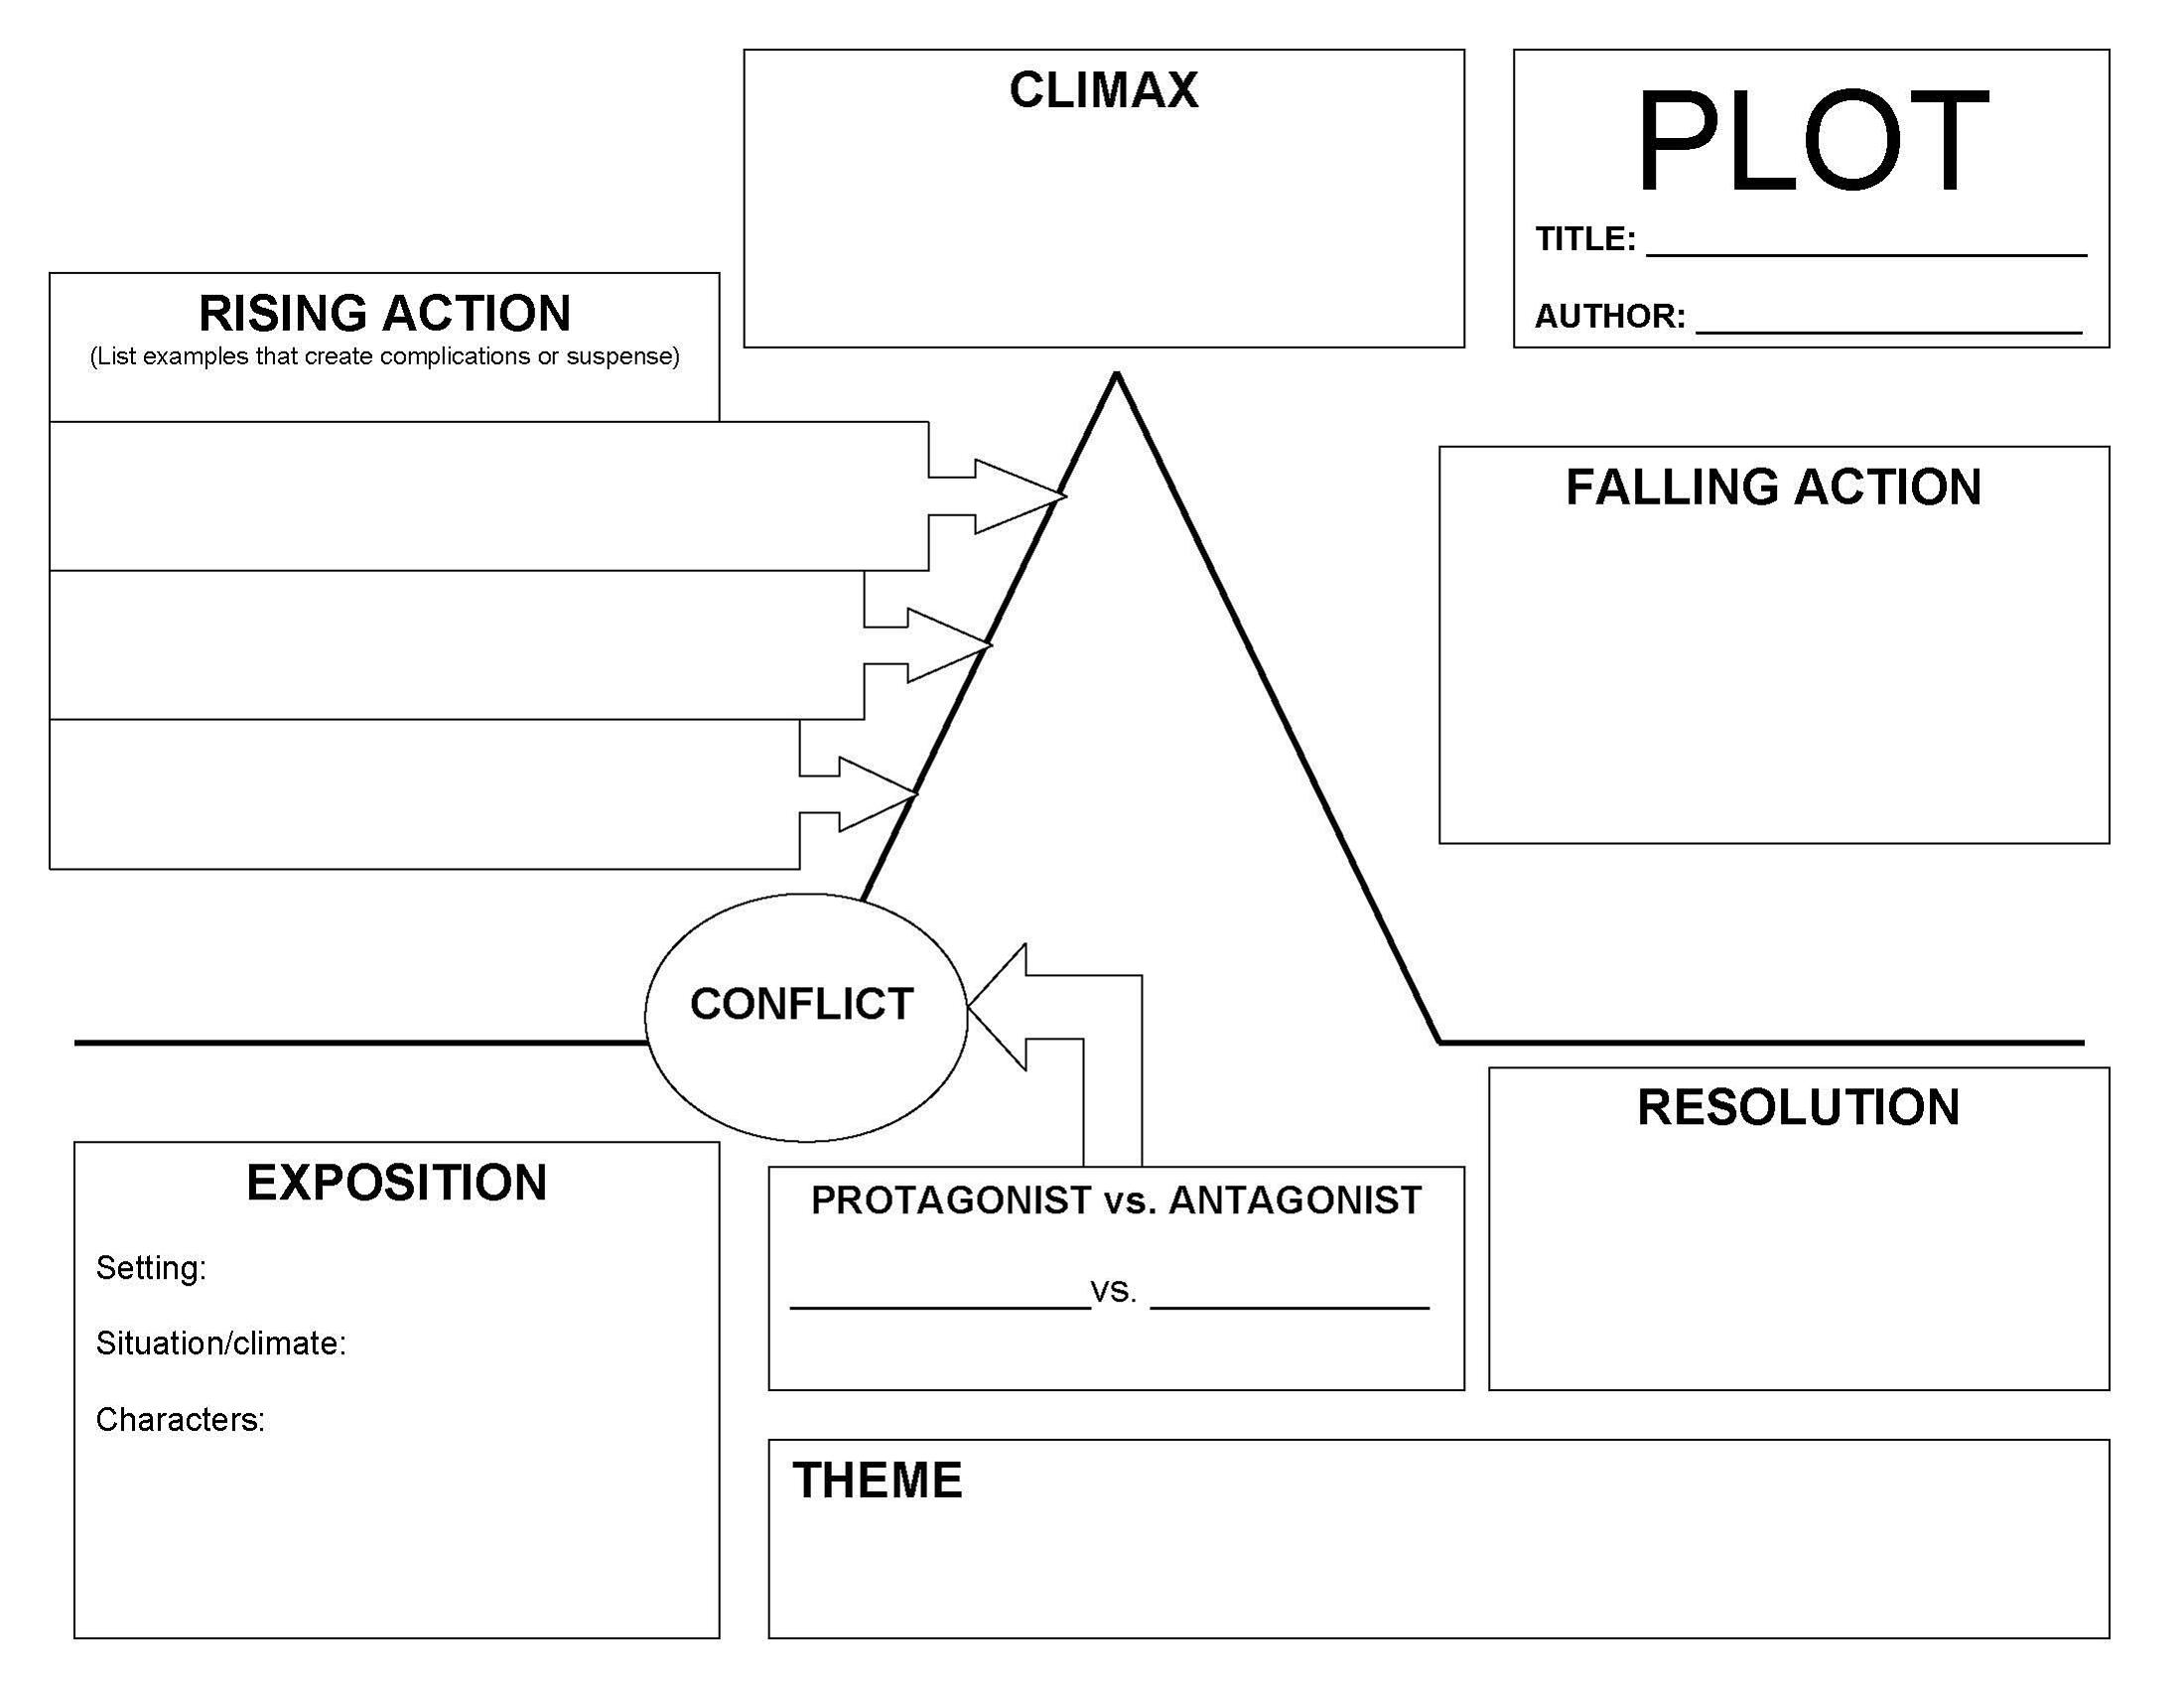 medium resolution of blank plot diagram template printable diagram printable diagramblank plot diagram template printable diagram